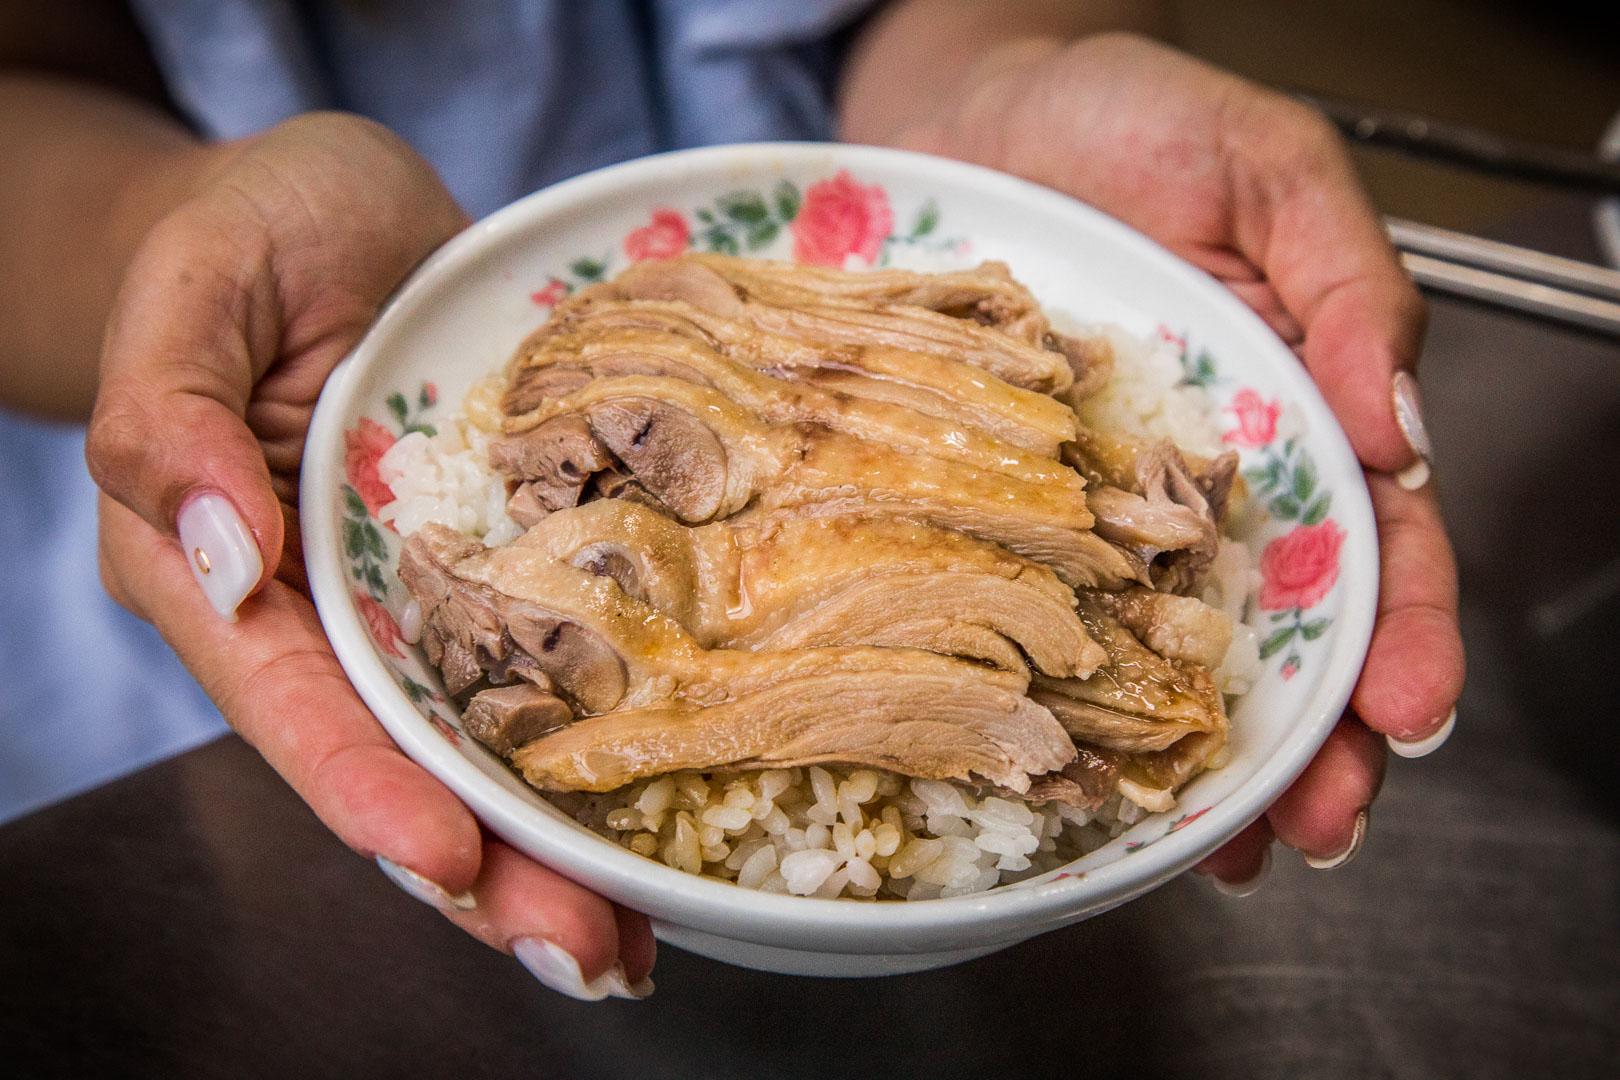 [宜蘭美食]陳記當歸鴨(創始店)/Google評價一千多則拿下4.2顆星,鋪滿滿鴨肉片飯只要50元!